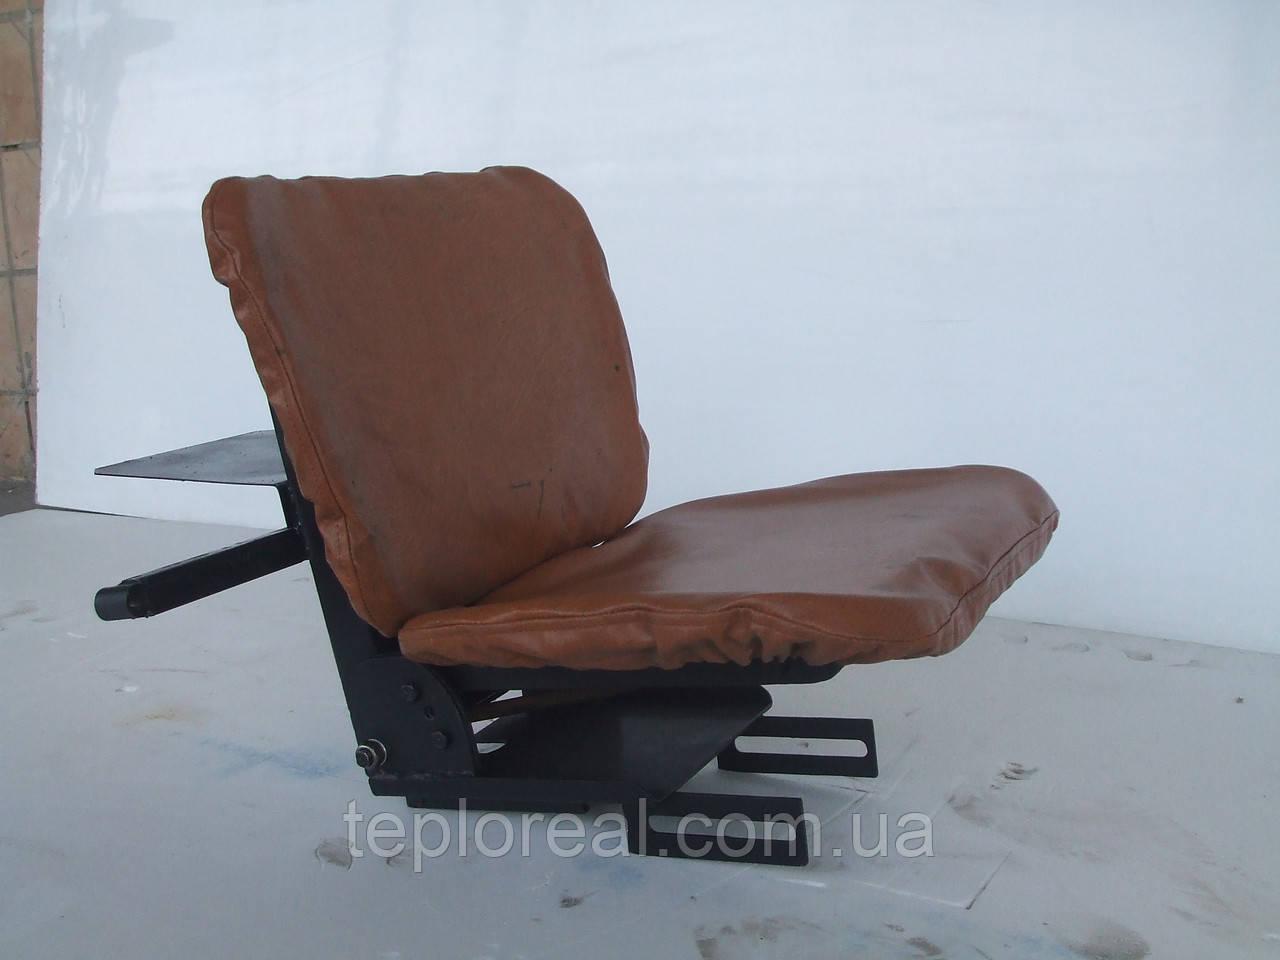 Сидіння для мототрактора (м'яке на аммортизаторе)